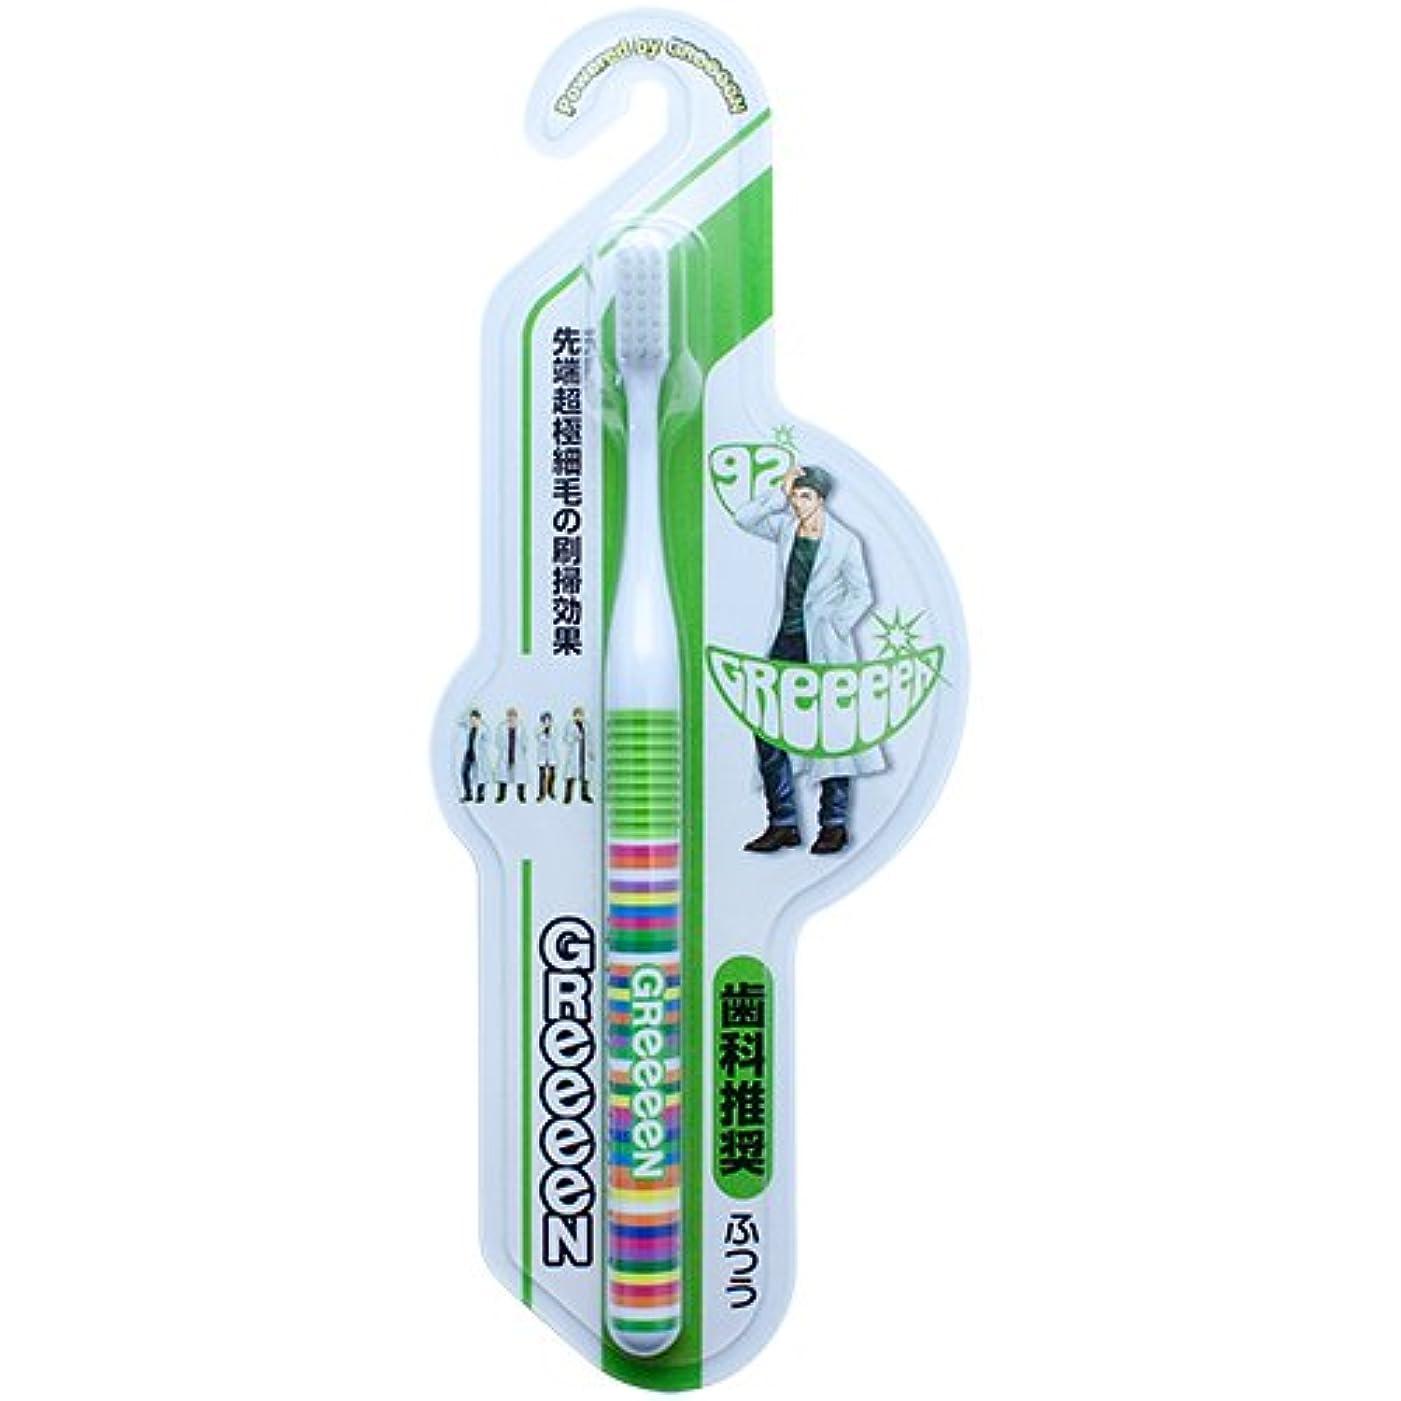 いたずらリング槍GReeeeN 3列ヘッドラバーグリップ超極細毛歯ブラシ SIRO 92 1本